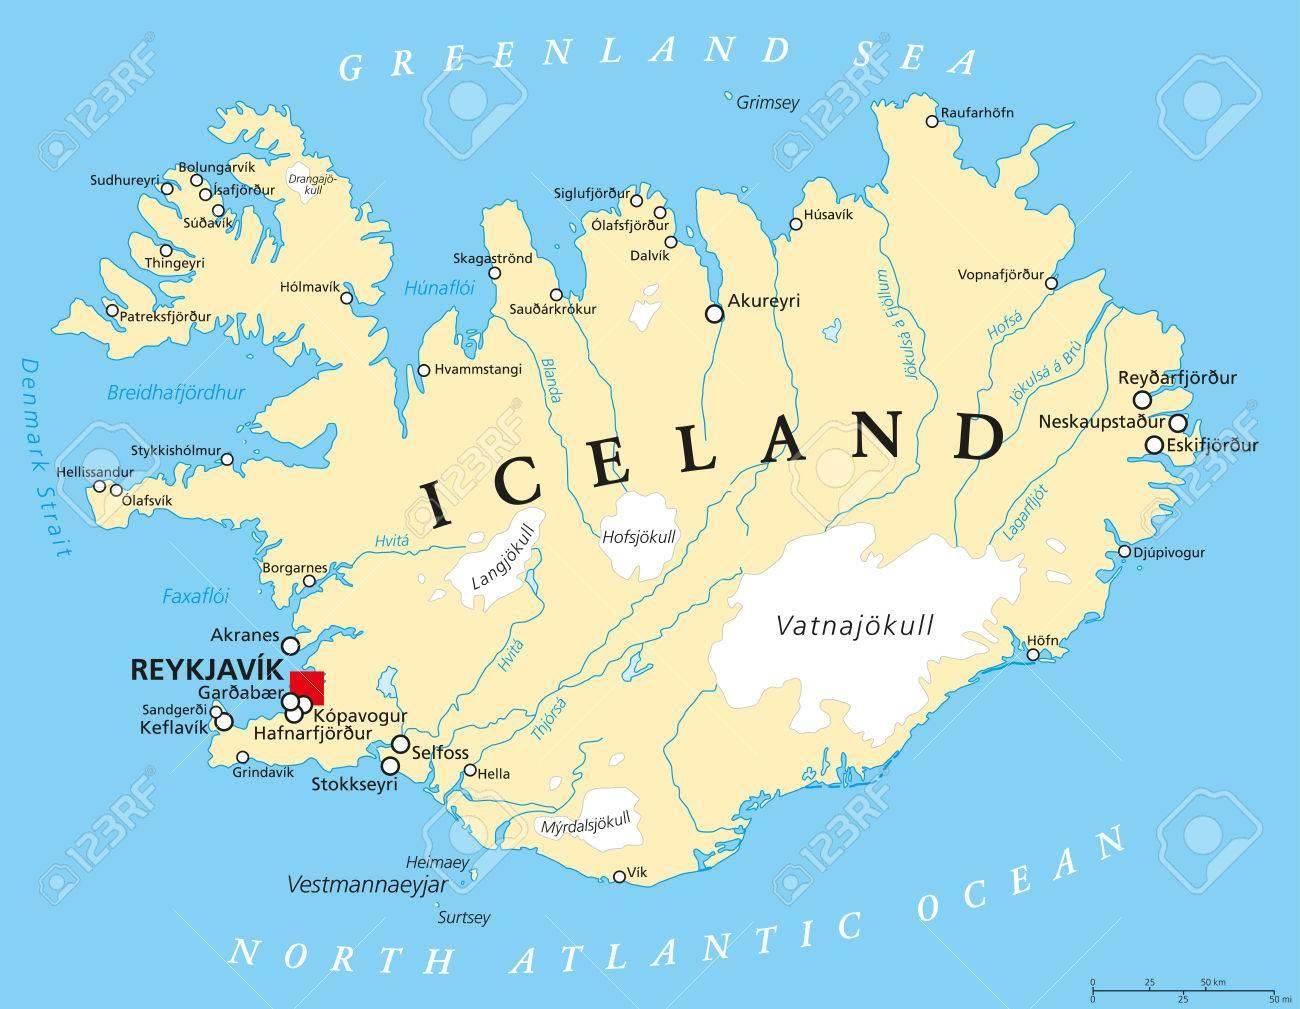 Islanda Politica Mappa Con Capitale Reykjavik Confini Nazionali Importanti Laghi Citta Fiumi E Ghiacciai Etichettatura Inglese E Il